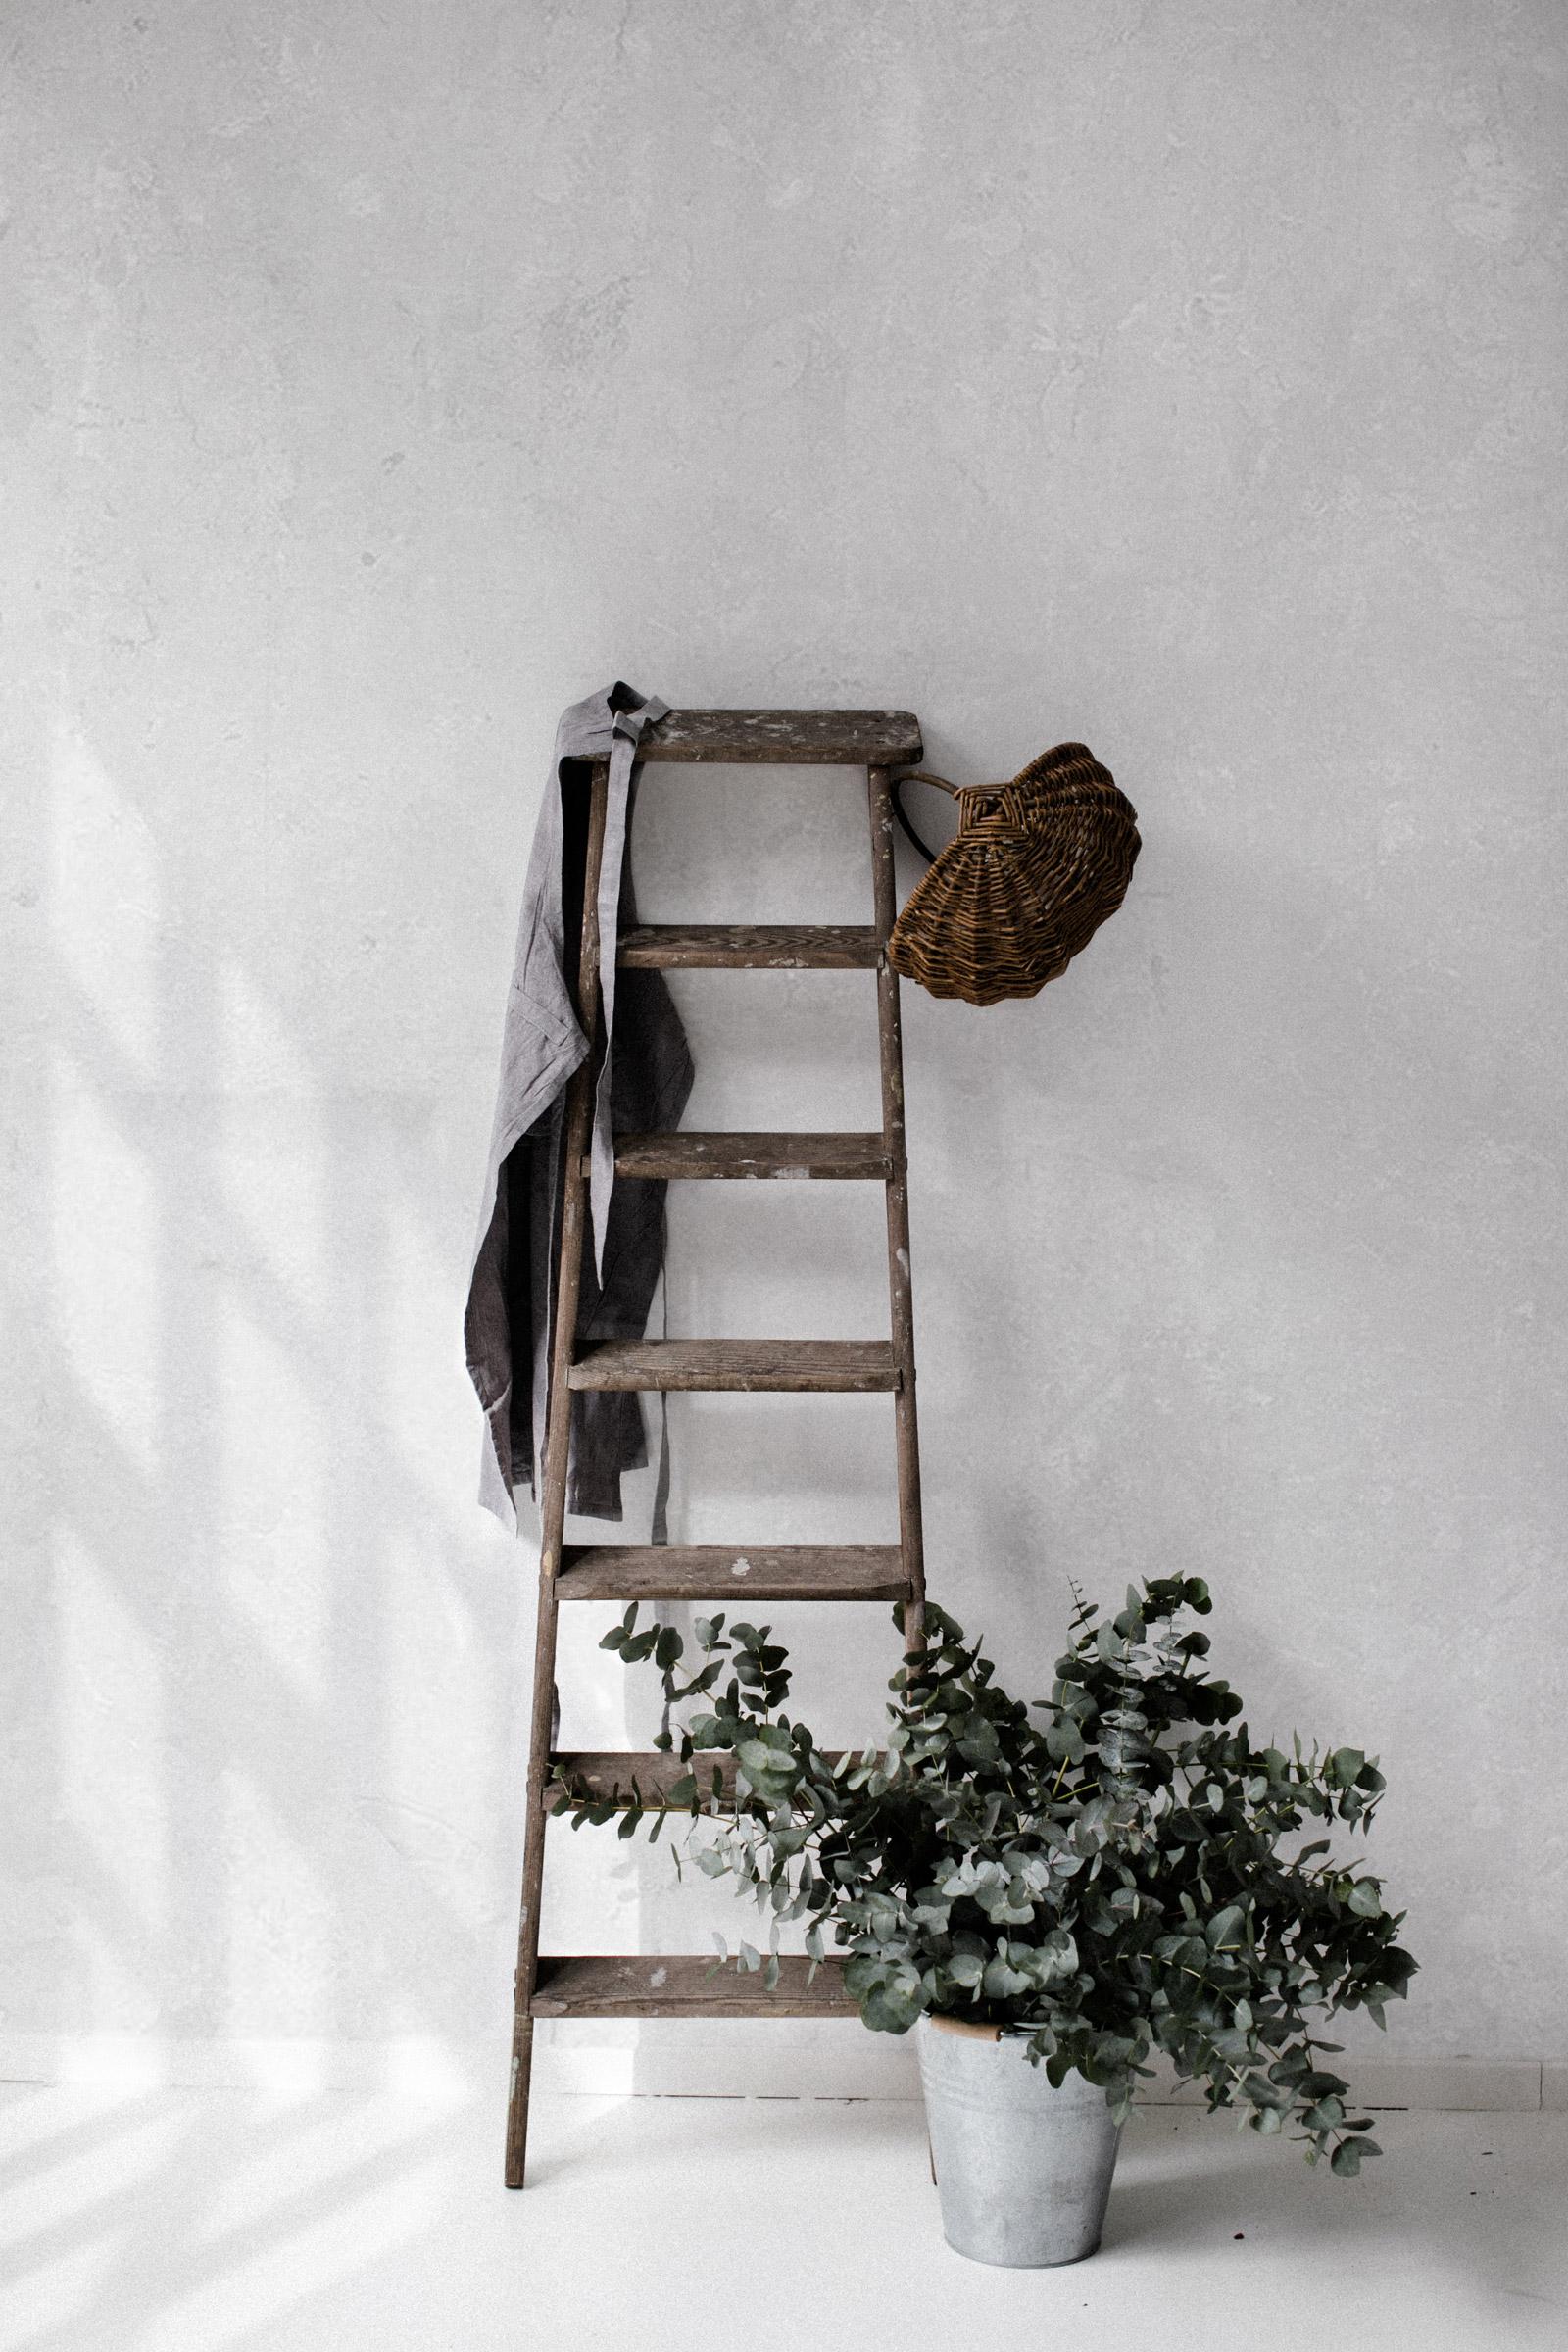 lifestyle-produkt-fotografie-berlin-ferm-living_7